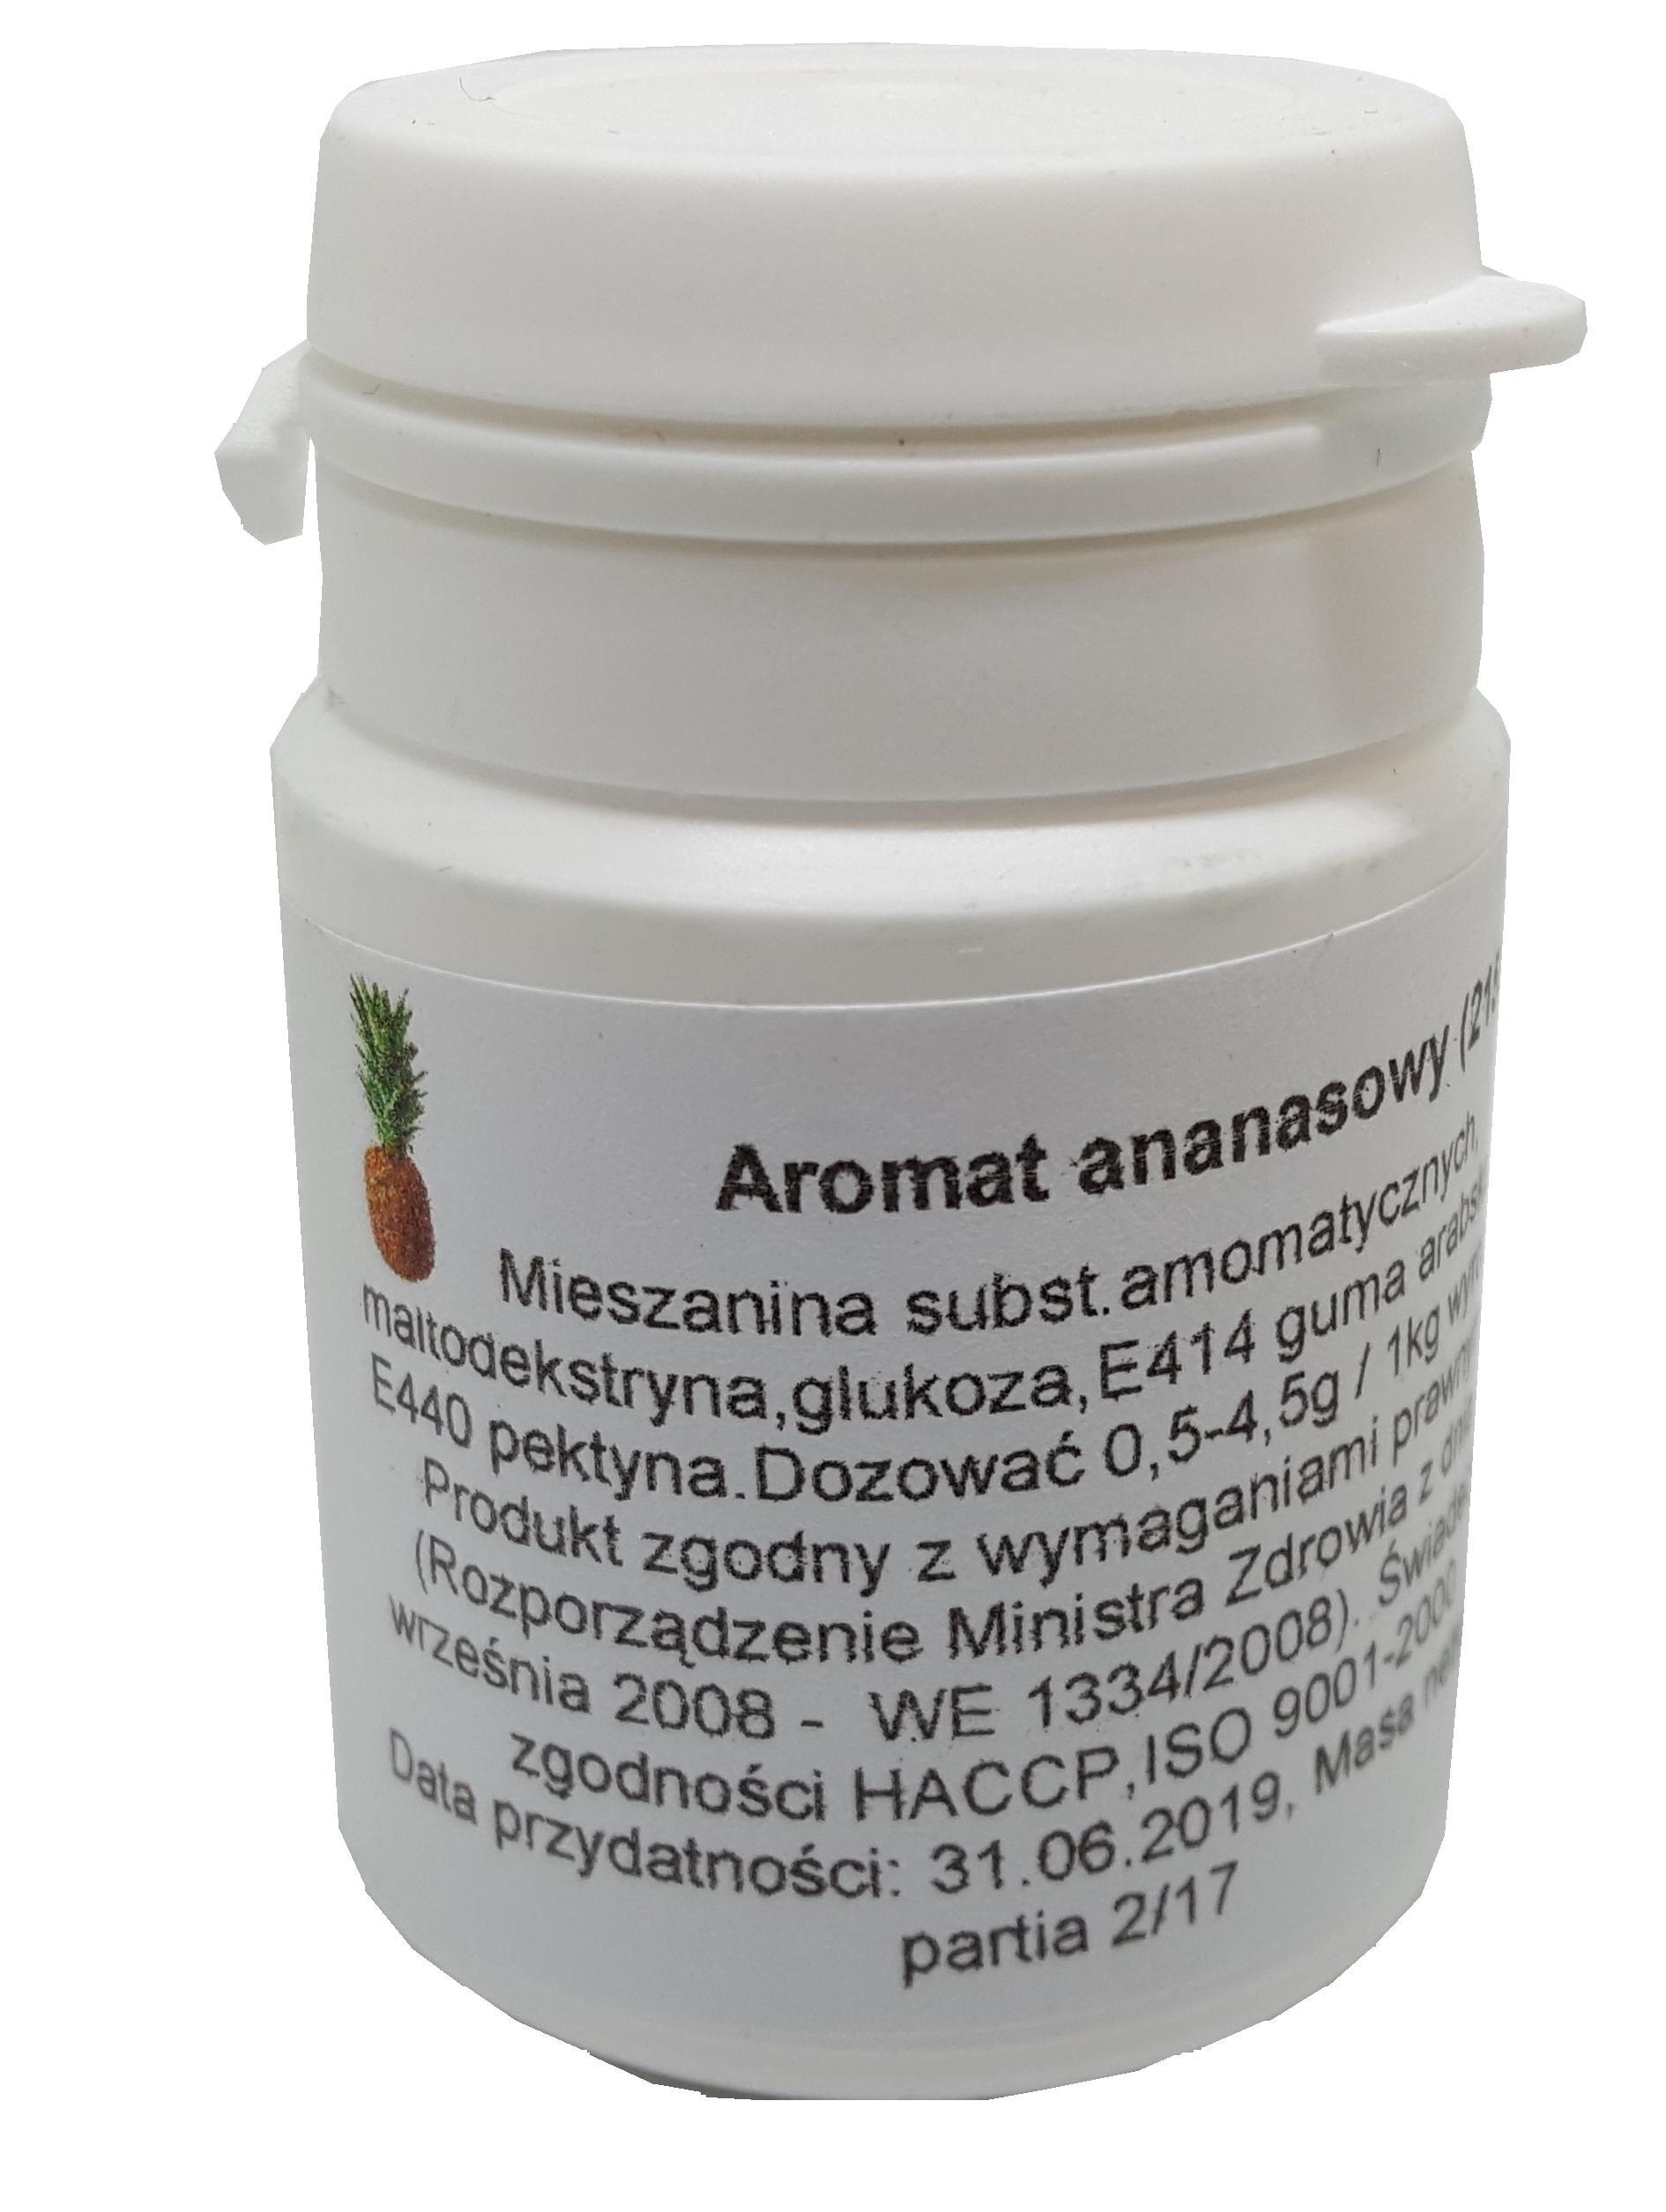 id_2155 AROMAT ANANASOWY ANANAS 20g TORT AROMATY